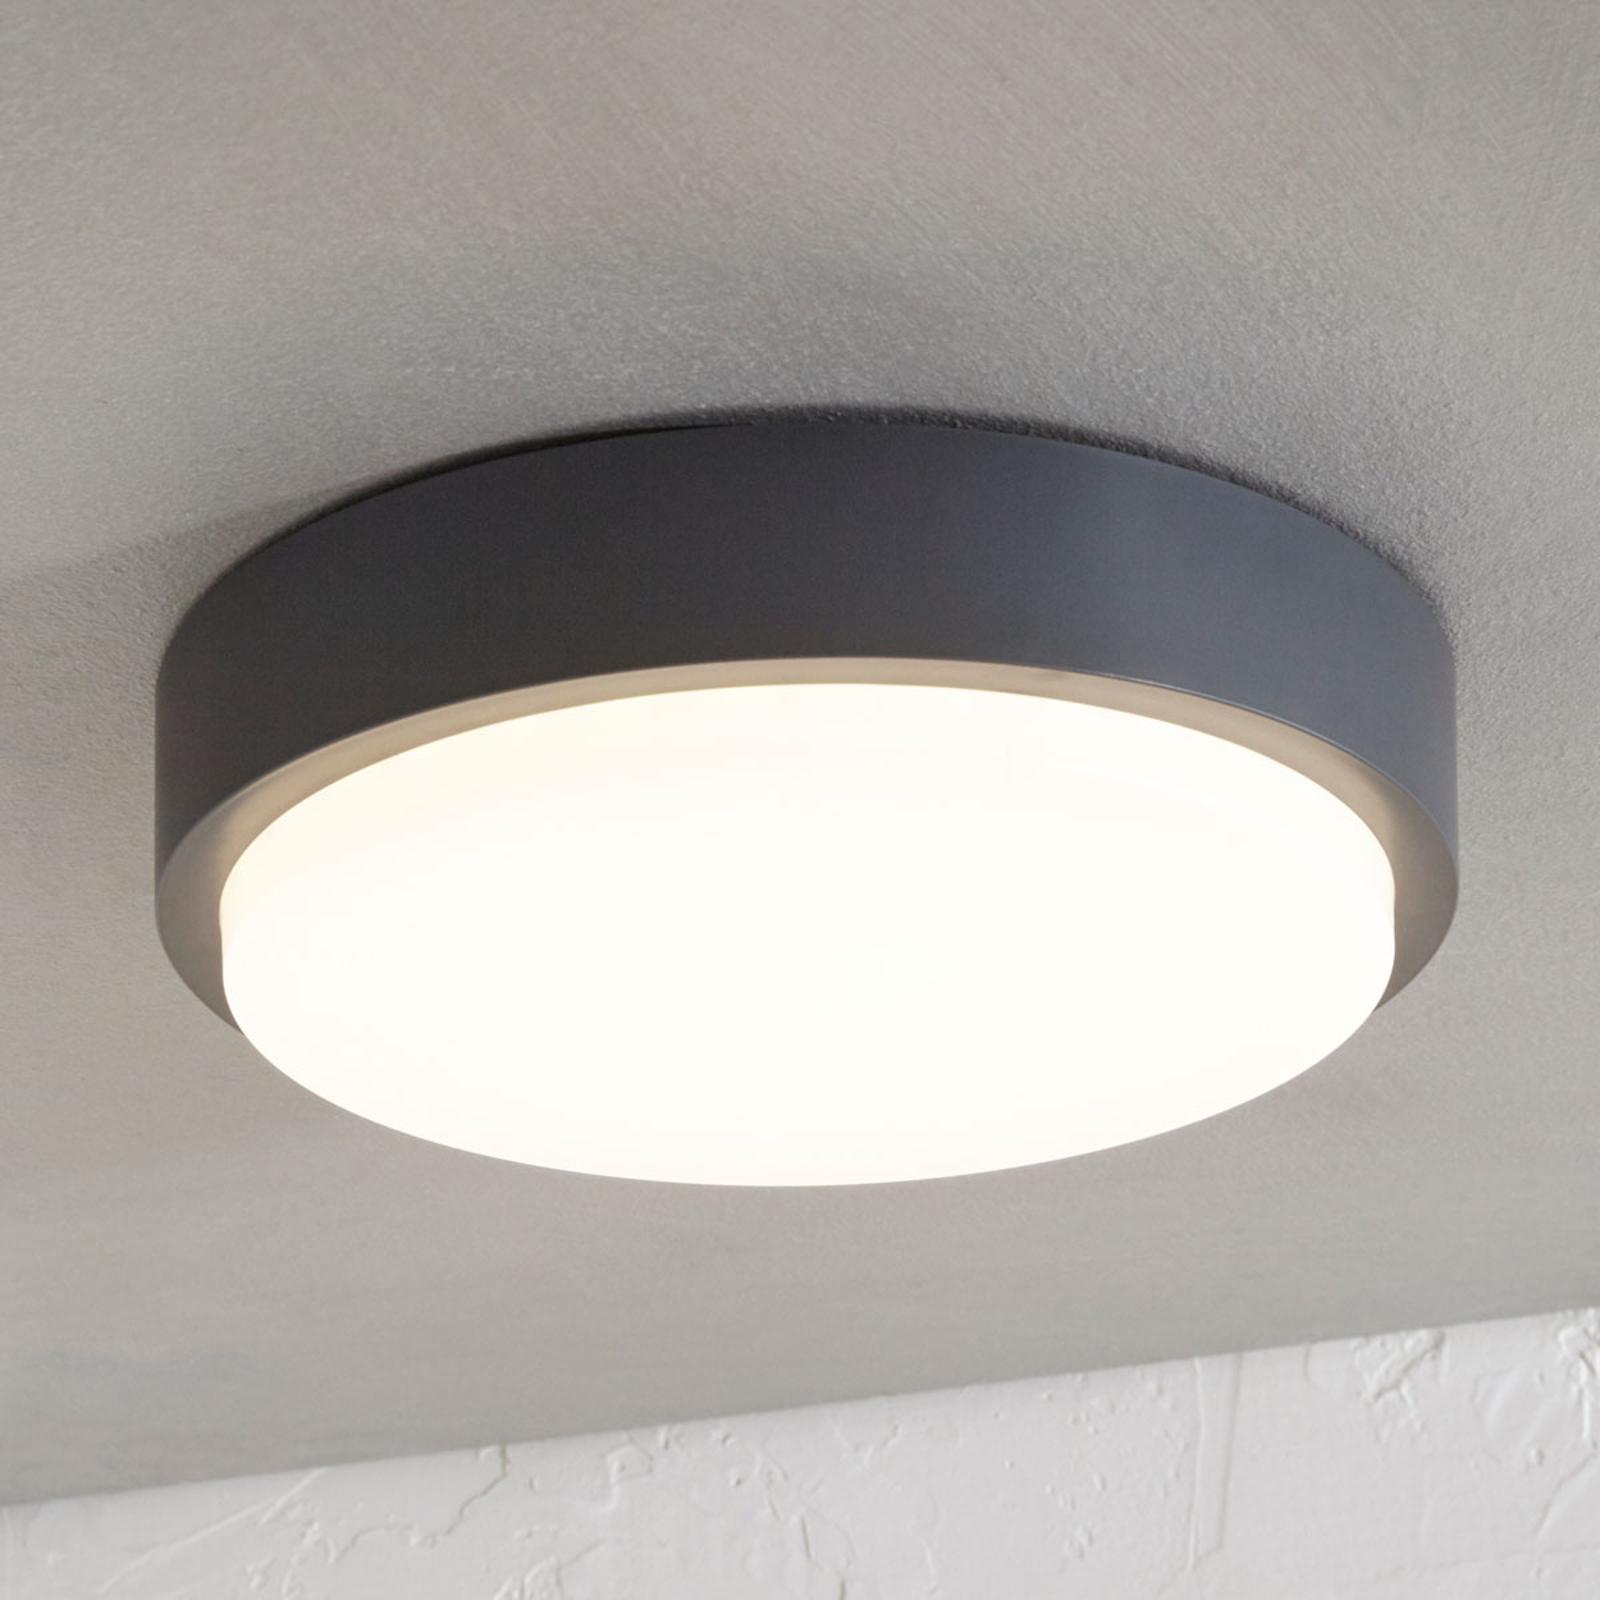 LED-ulkokattovalaisin Nermin, IP65, pyöreä